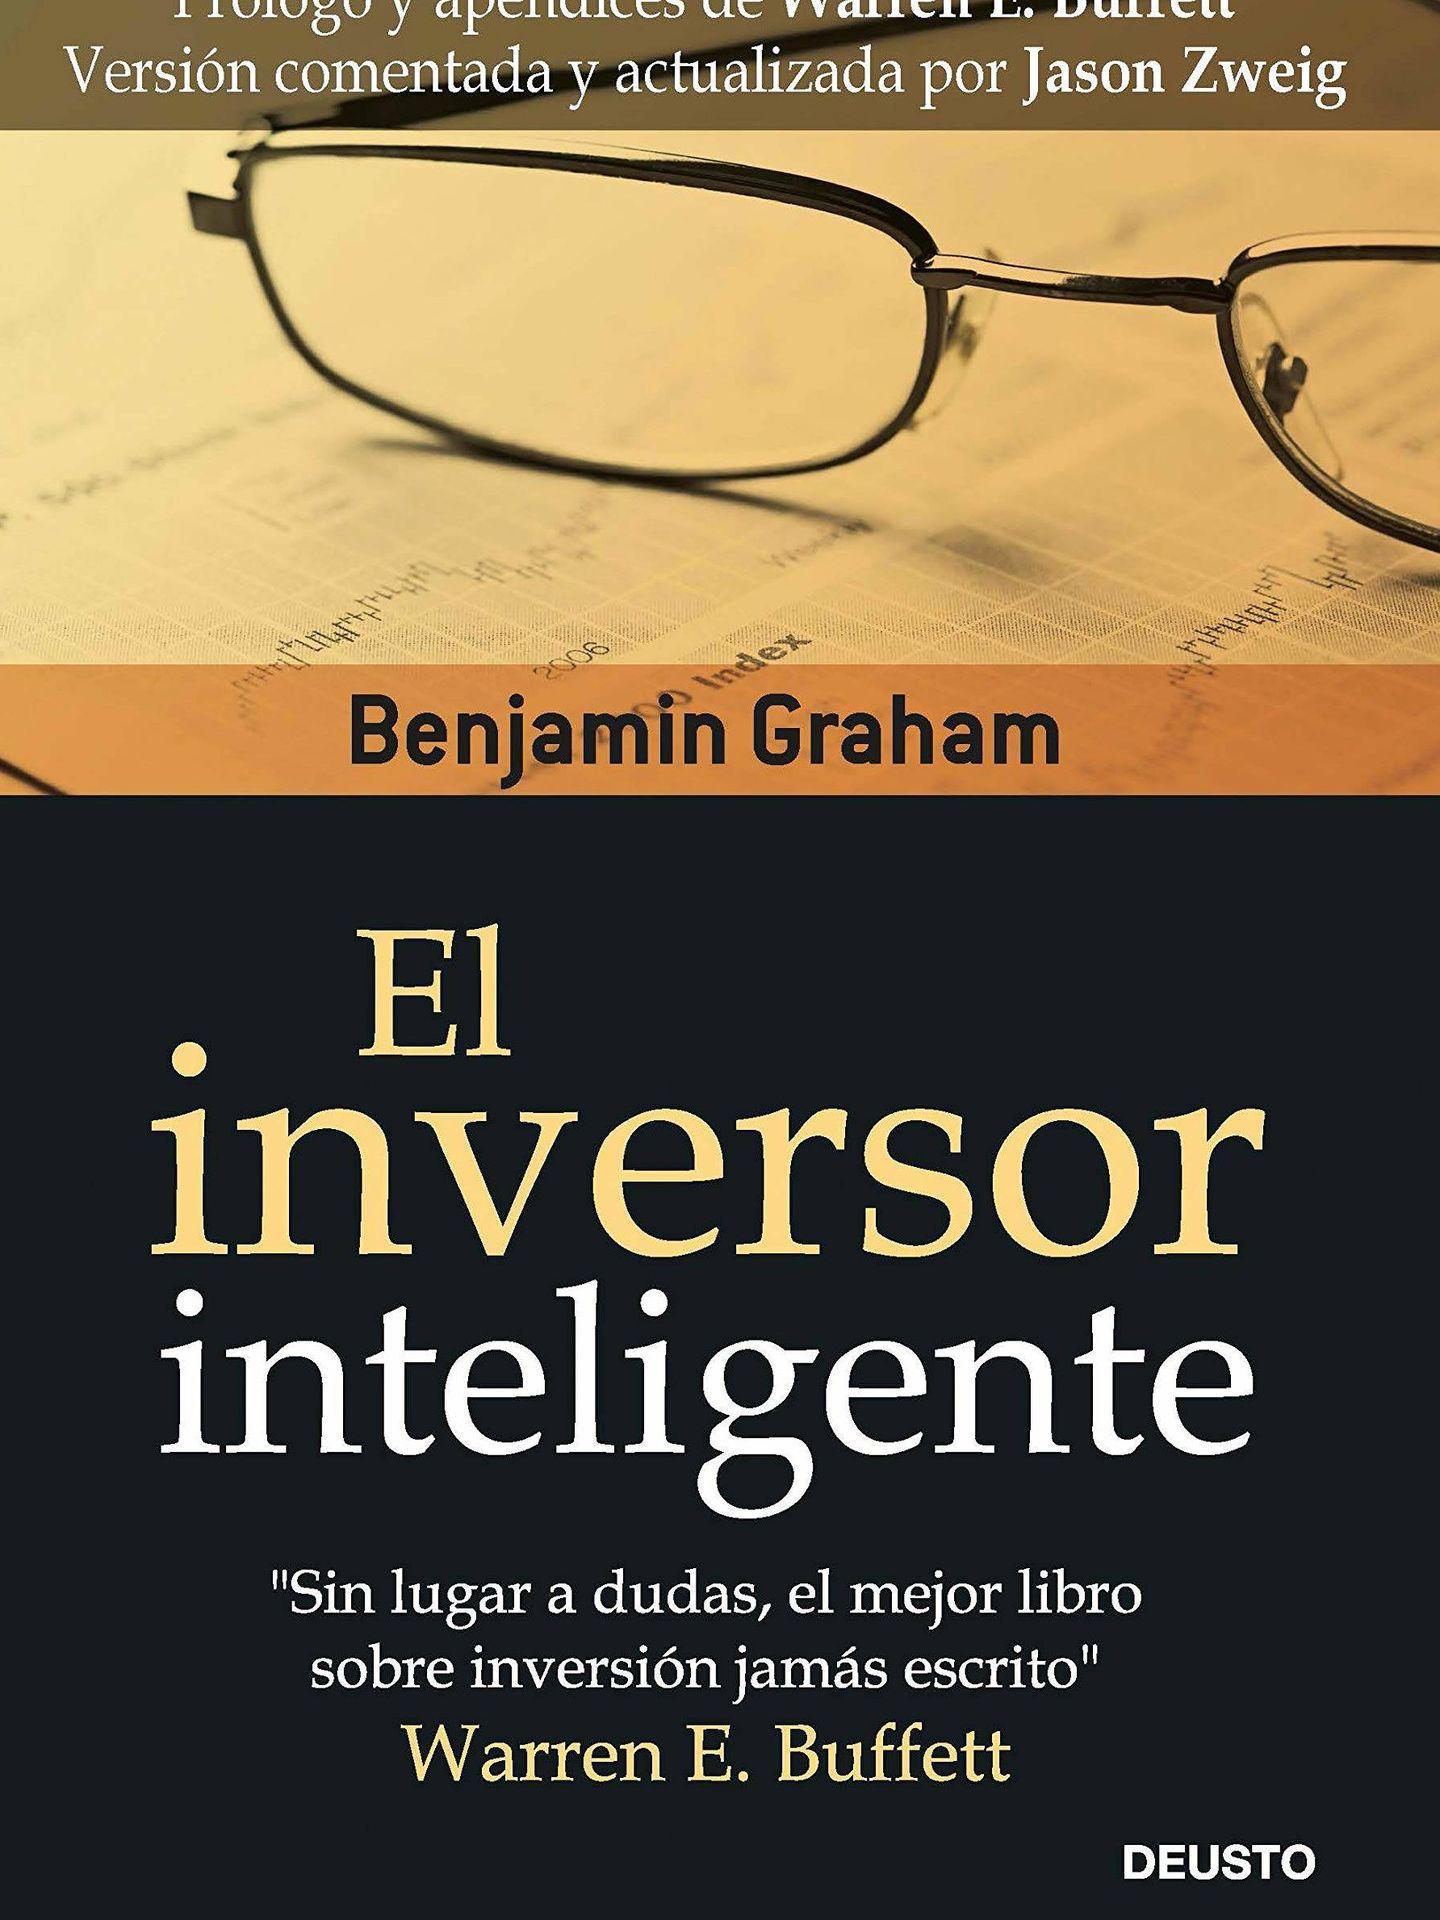 'El inversor inteligente' (Deusto).